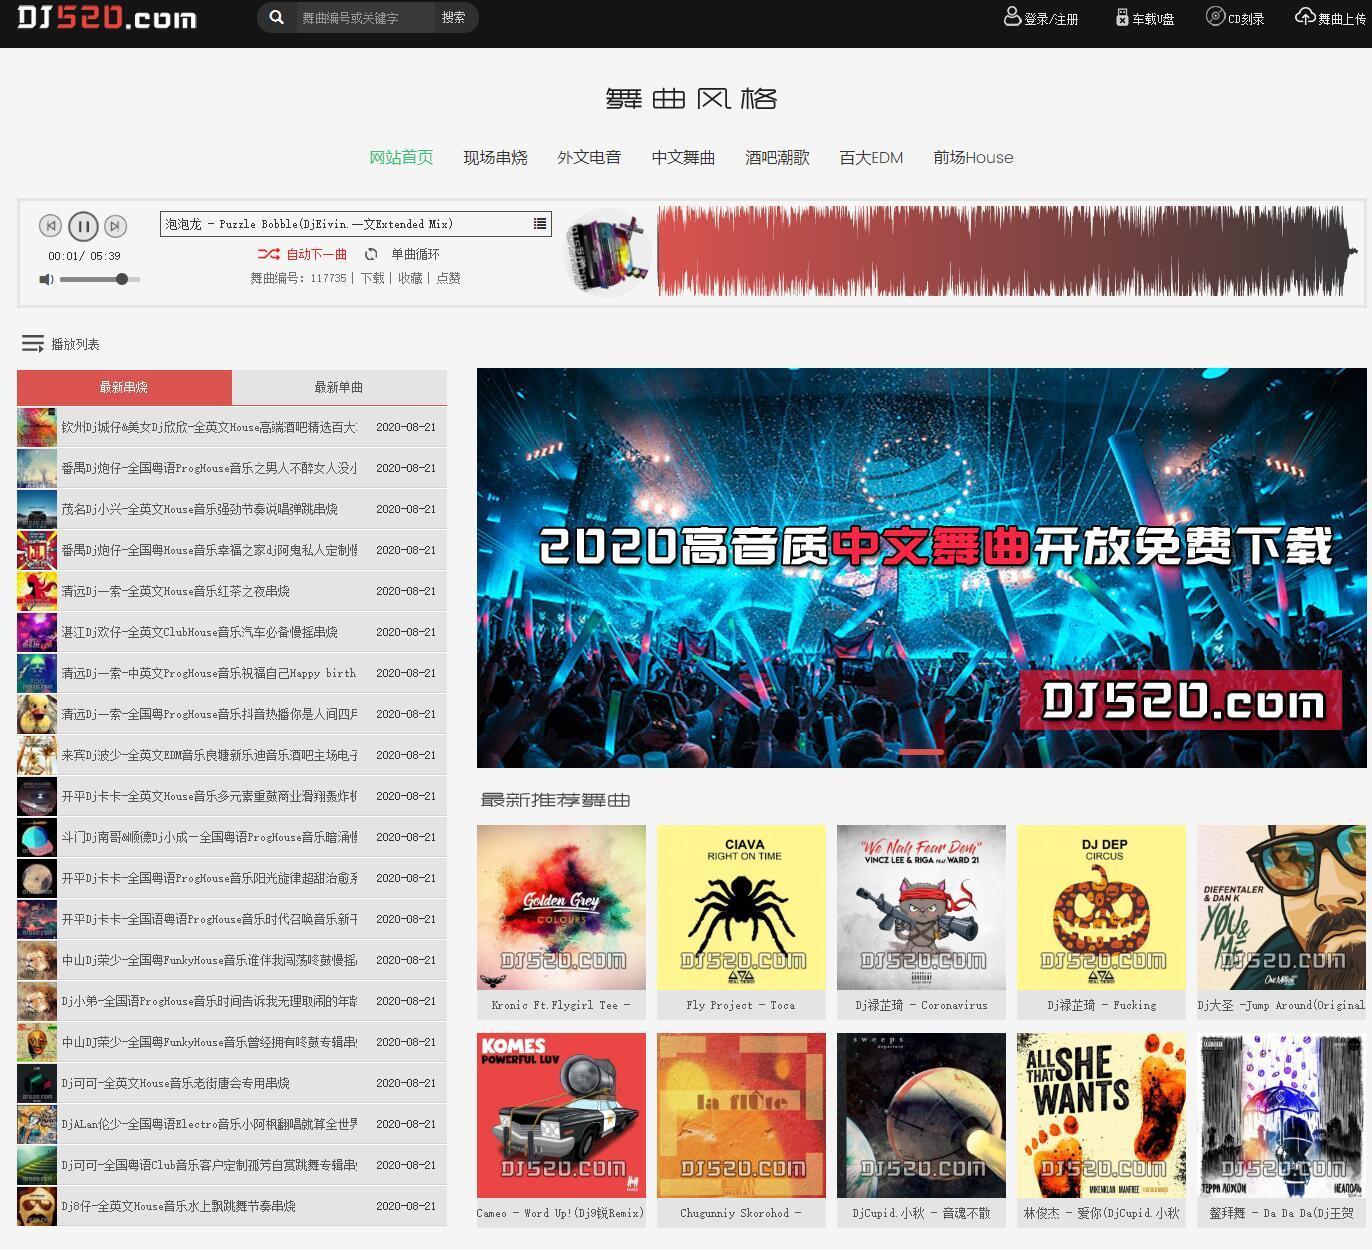 DJ前卫音乐网